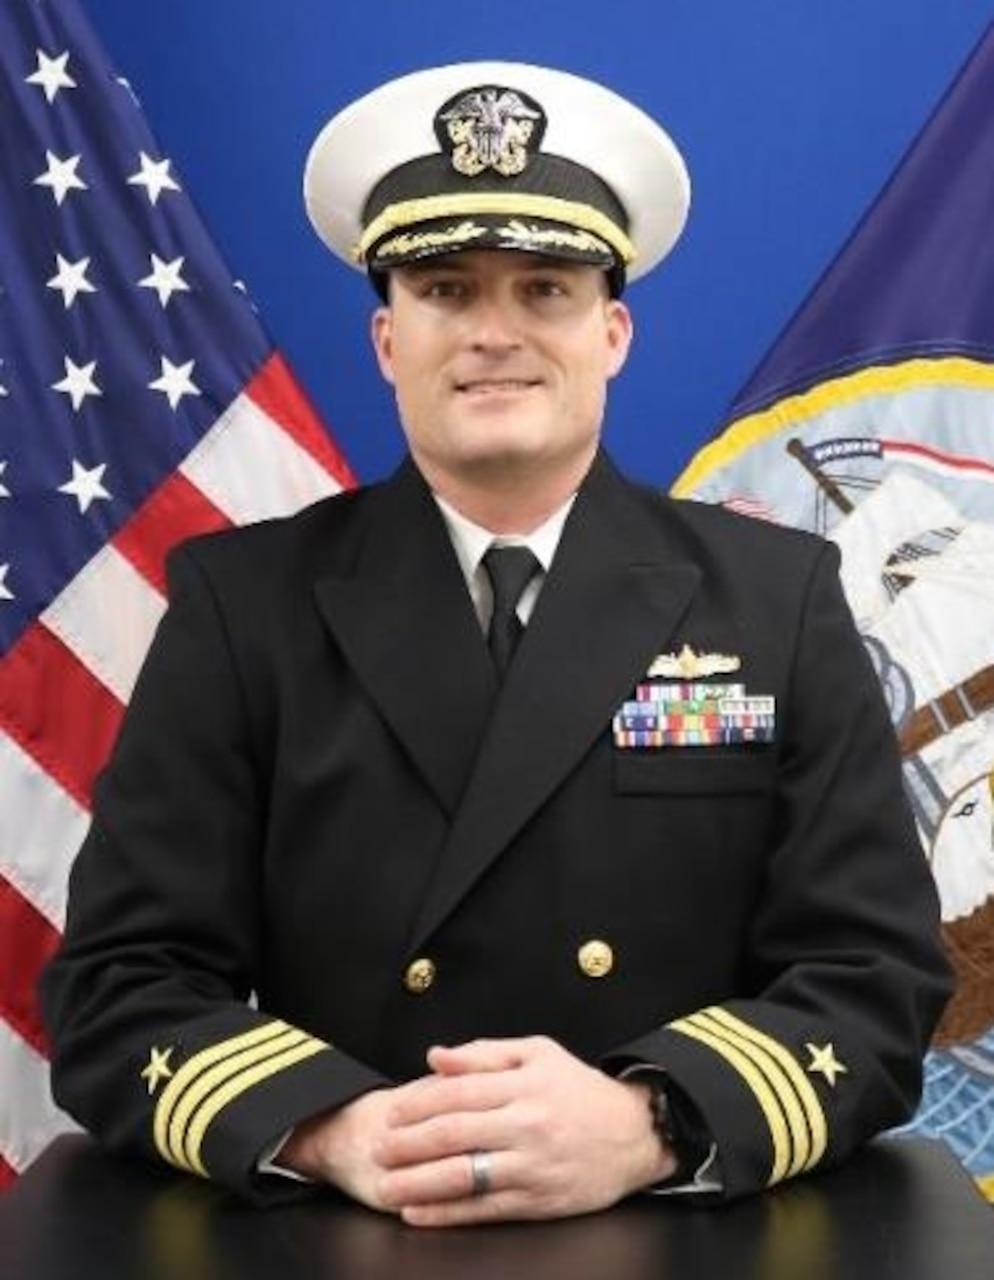 Commander Leif Gunderson